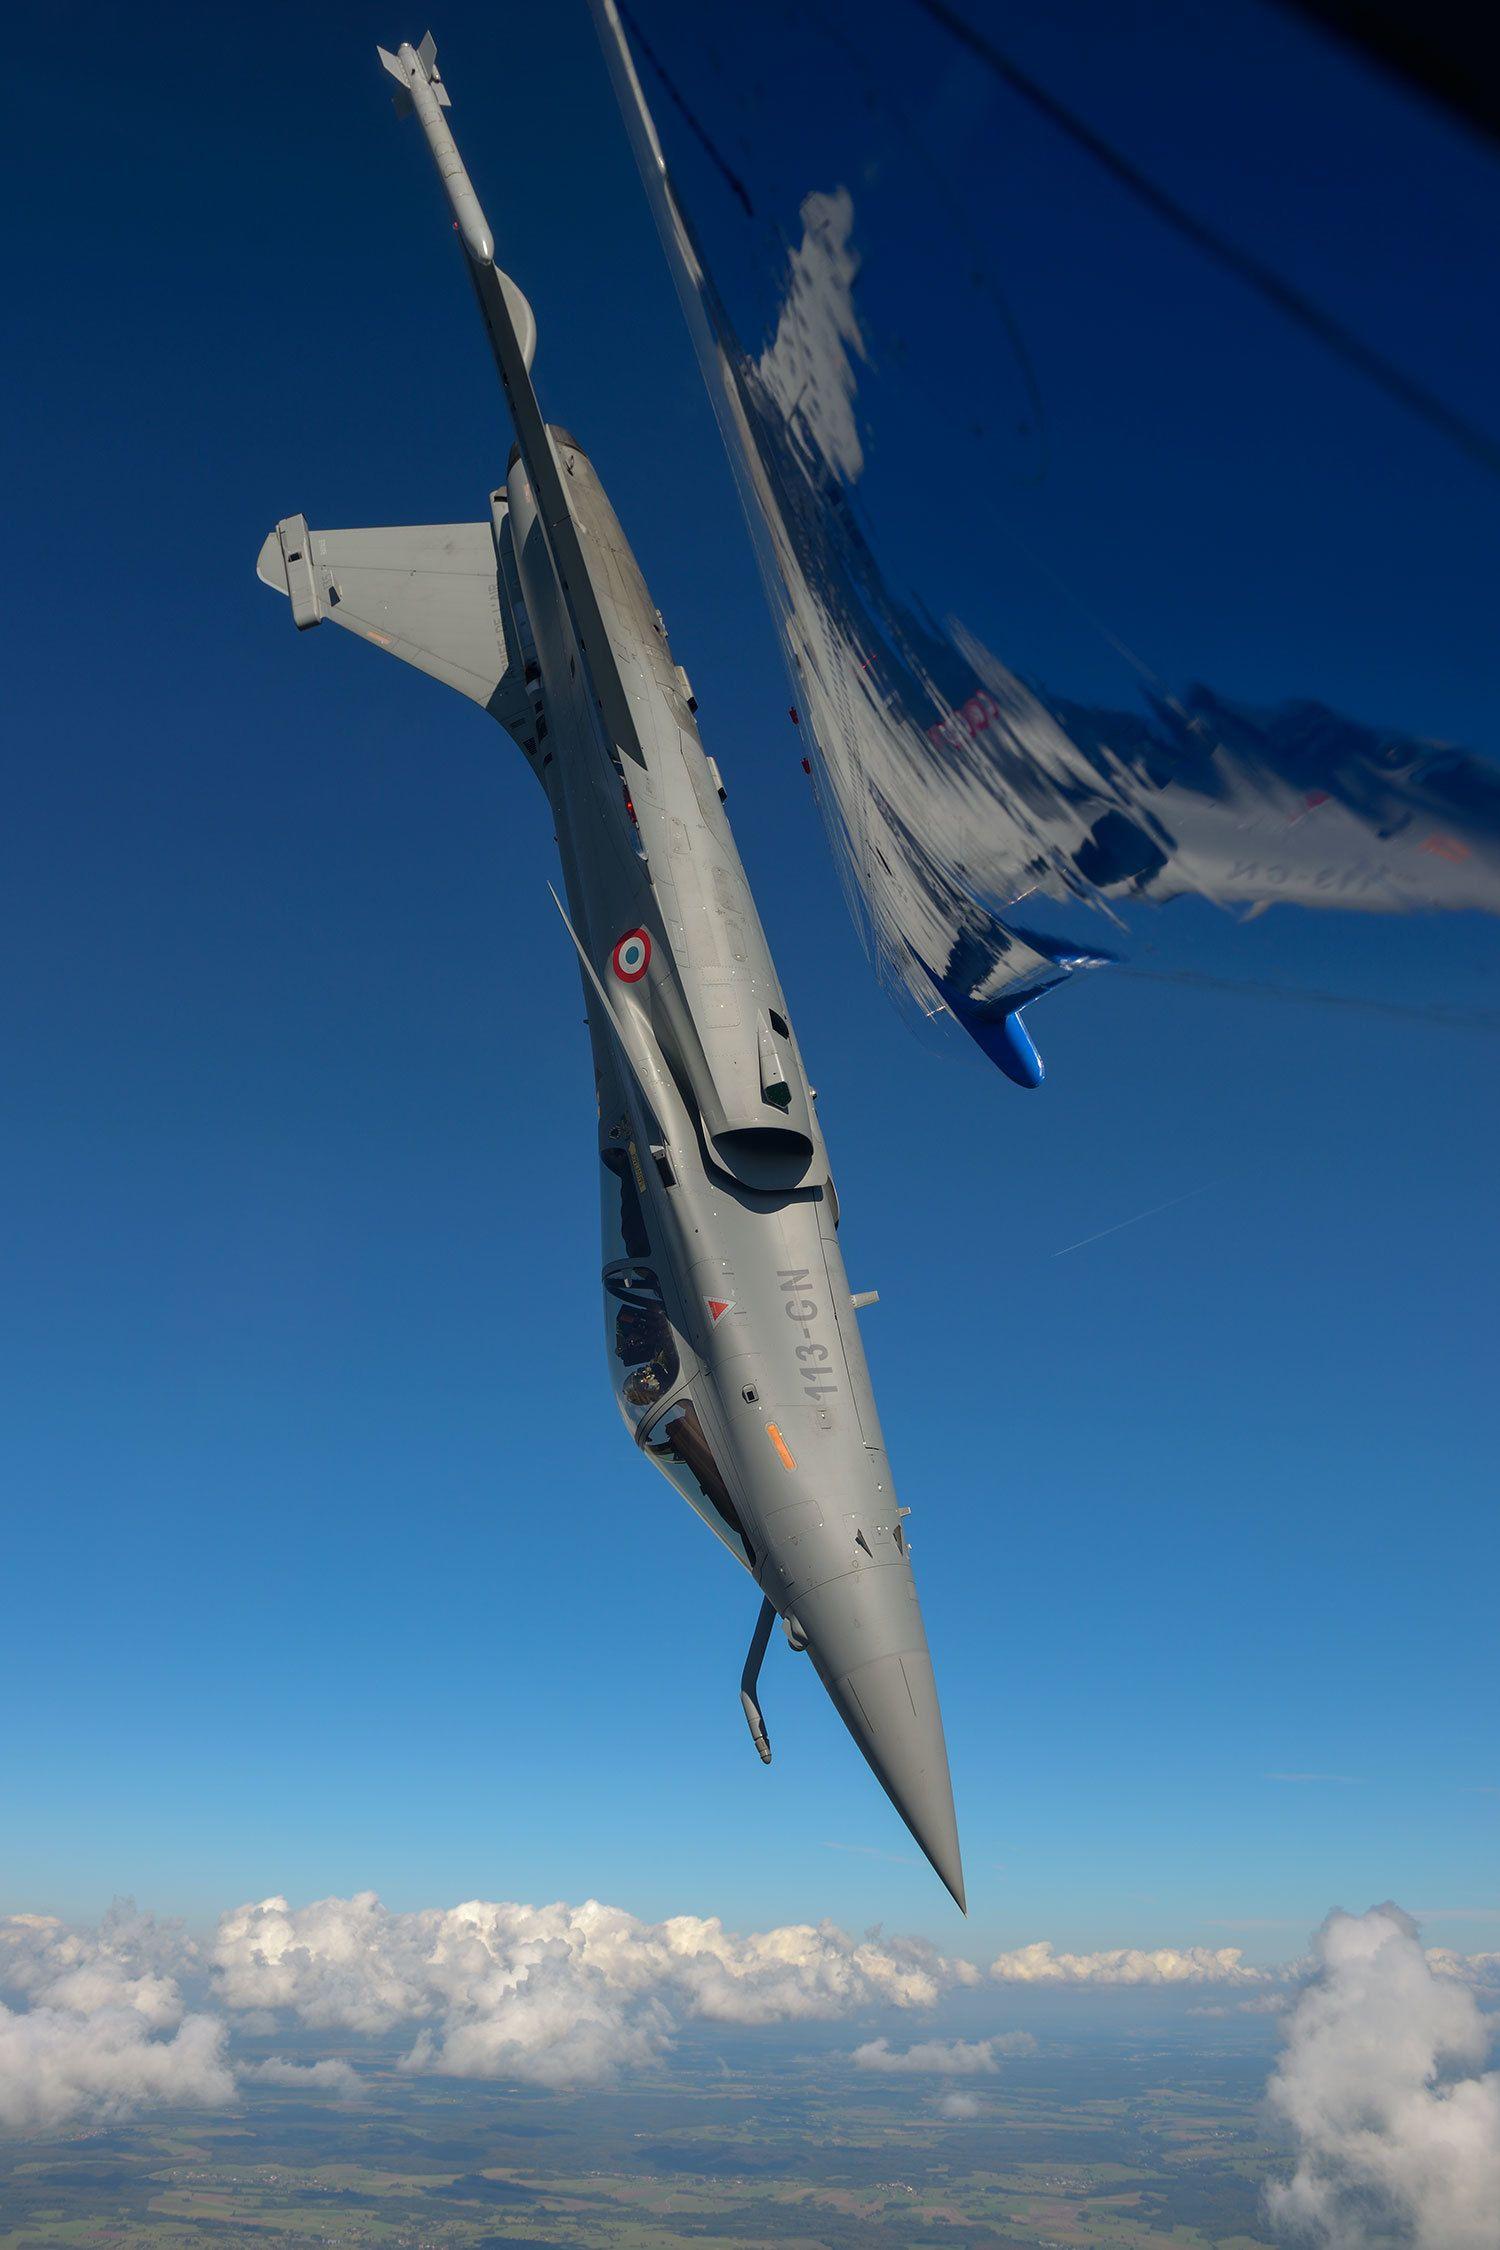 ダッソー・ラファールC(生産国フランス) メーカーの哲学は「性能の優れた航空機は美しい」